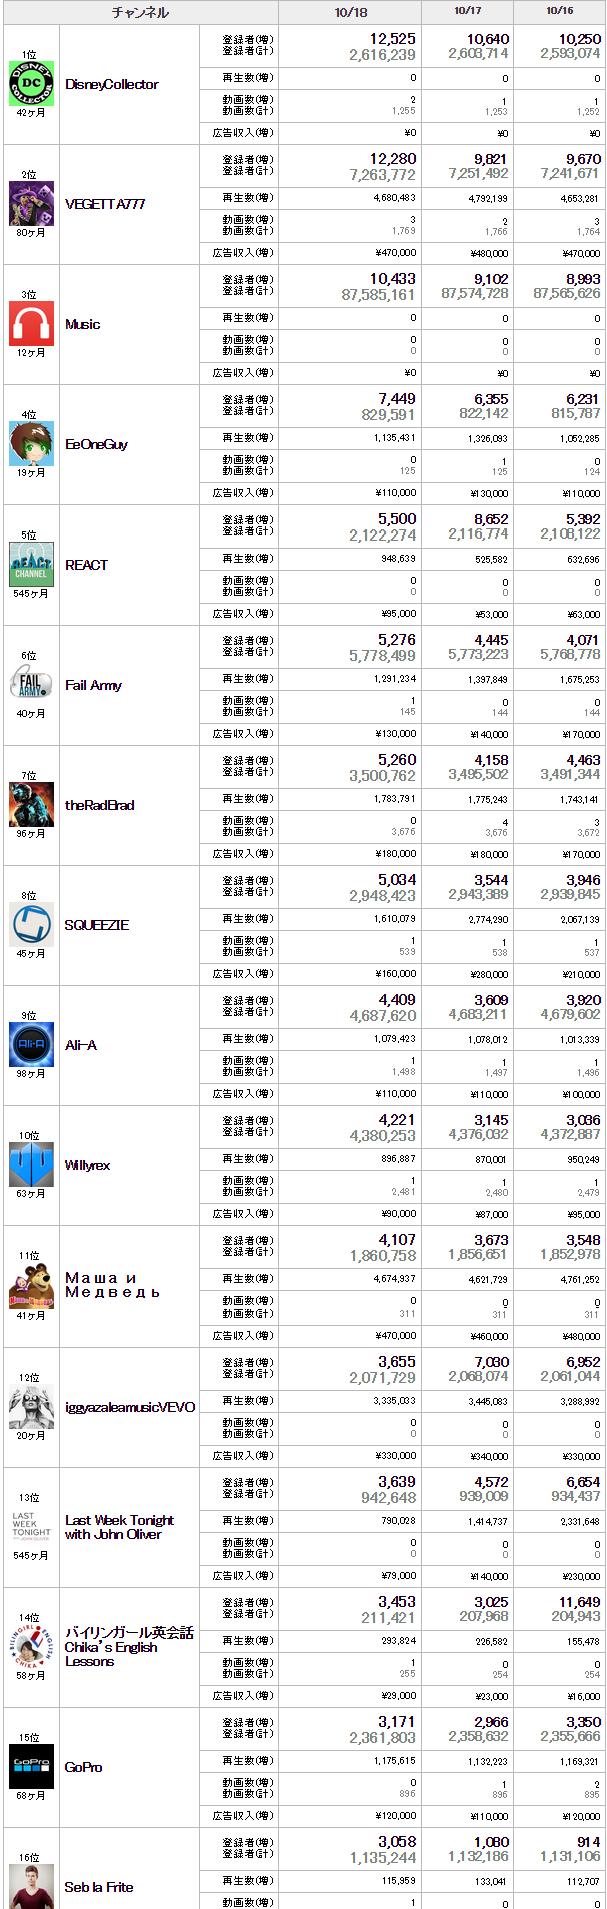 YouTubeランキング ~ 人気YouTubeチャンネルの広告収入、登録者数、再生数などが明らかに!